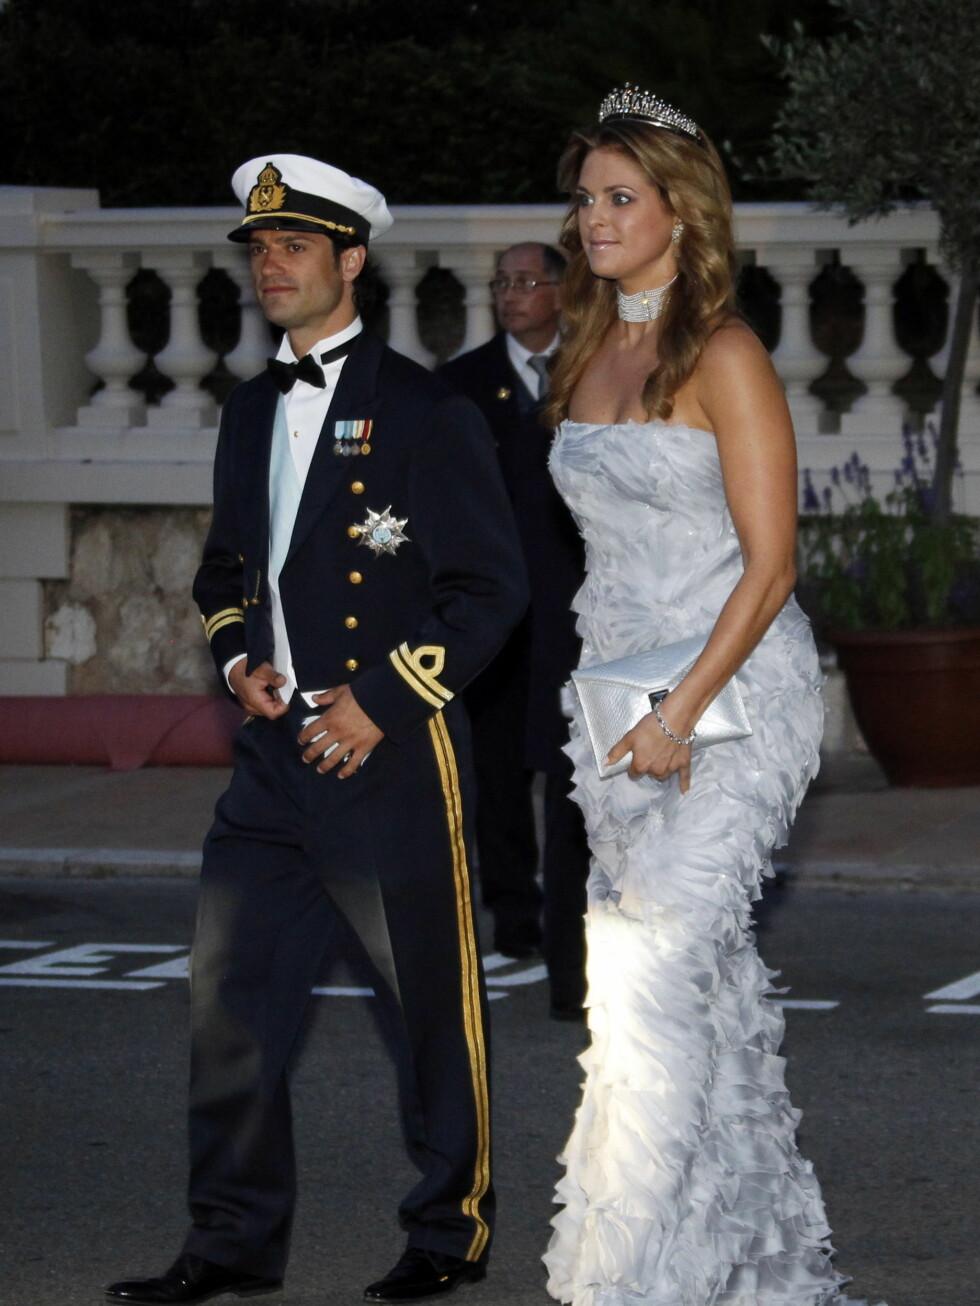 HELSVENSK: Verken prinsesse Madeleine eller prins Carl-Philip hadde med seg sine kjære i bryllupet. Og også til festen måtte de ta til takke med hverandre. Foto: Scanpix